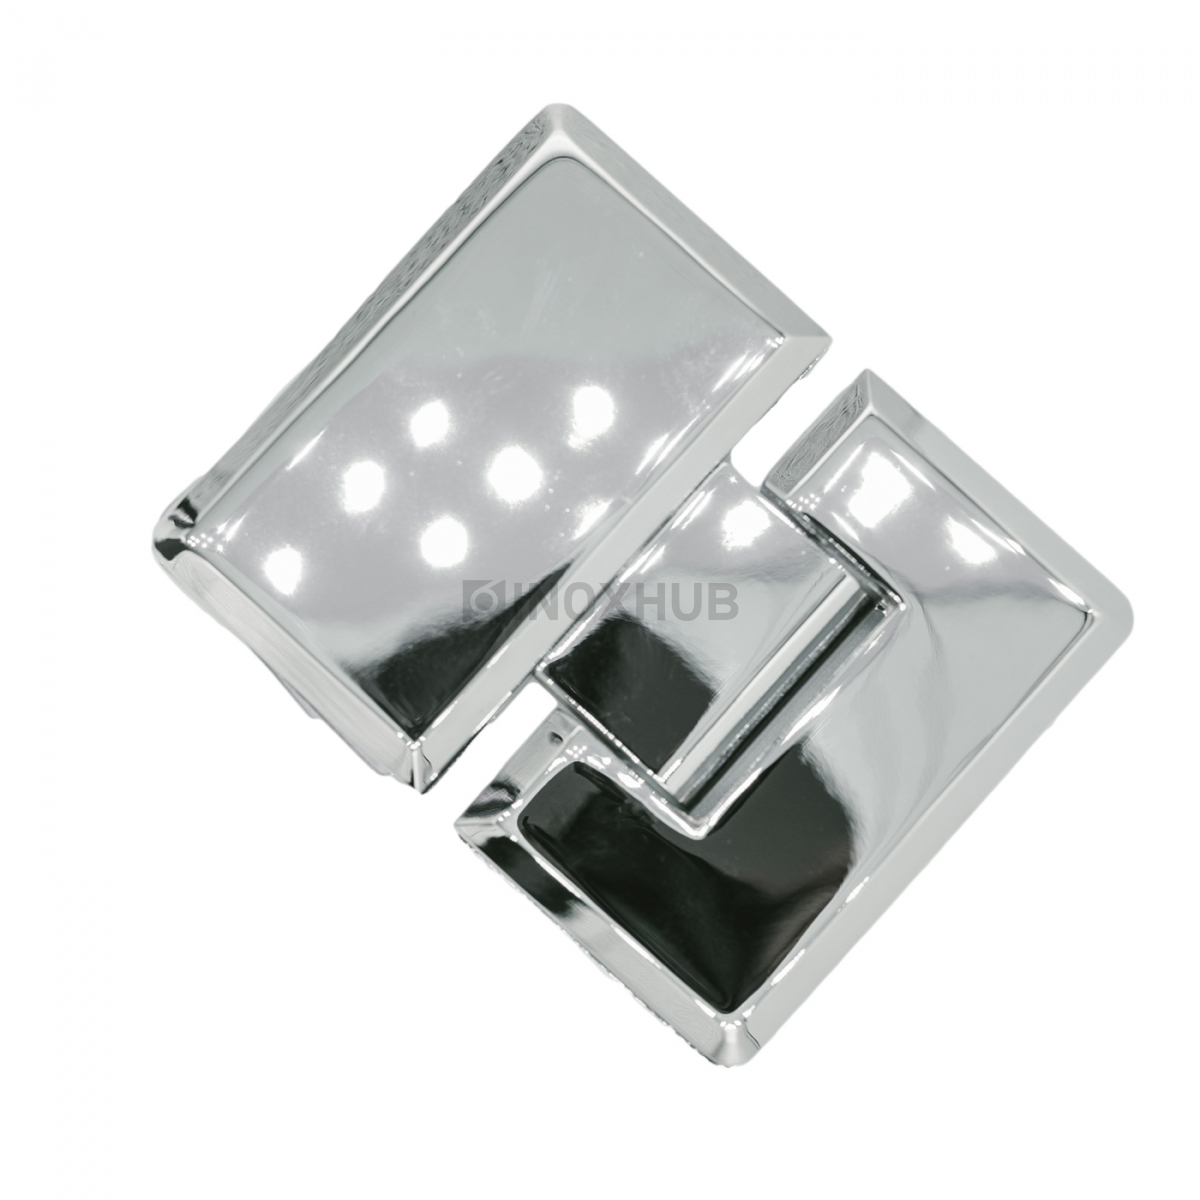 Петля (303 PC) стекло-стекло 180°, хром полированный